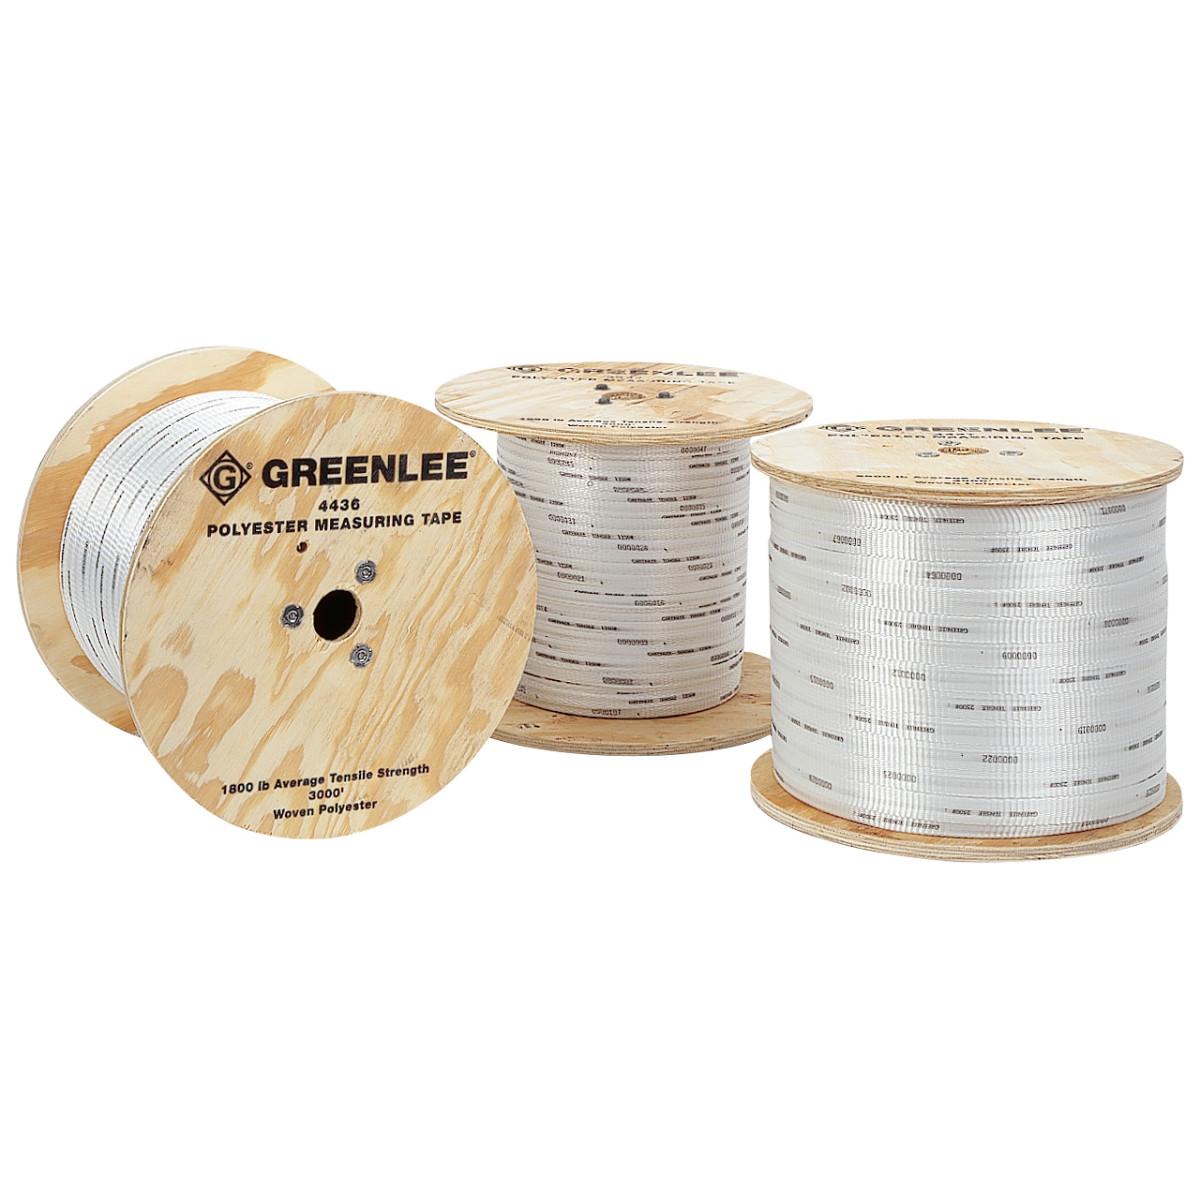 Greenlee®4435